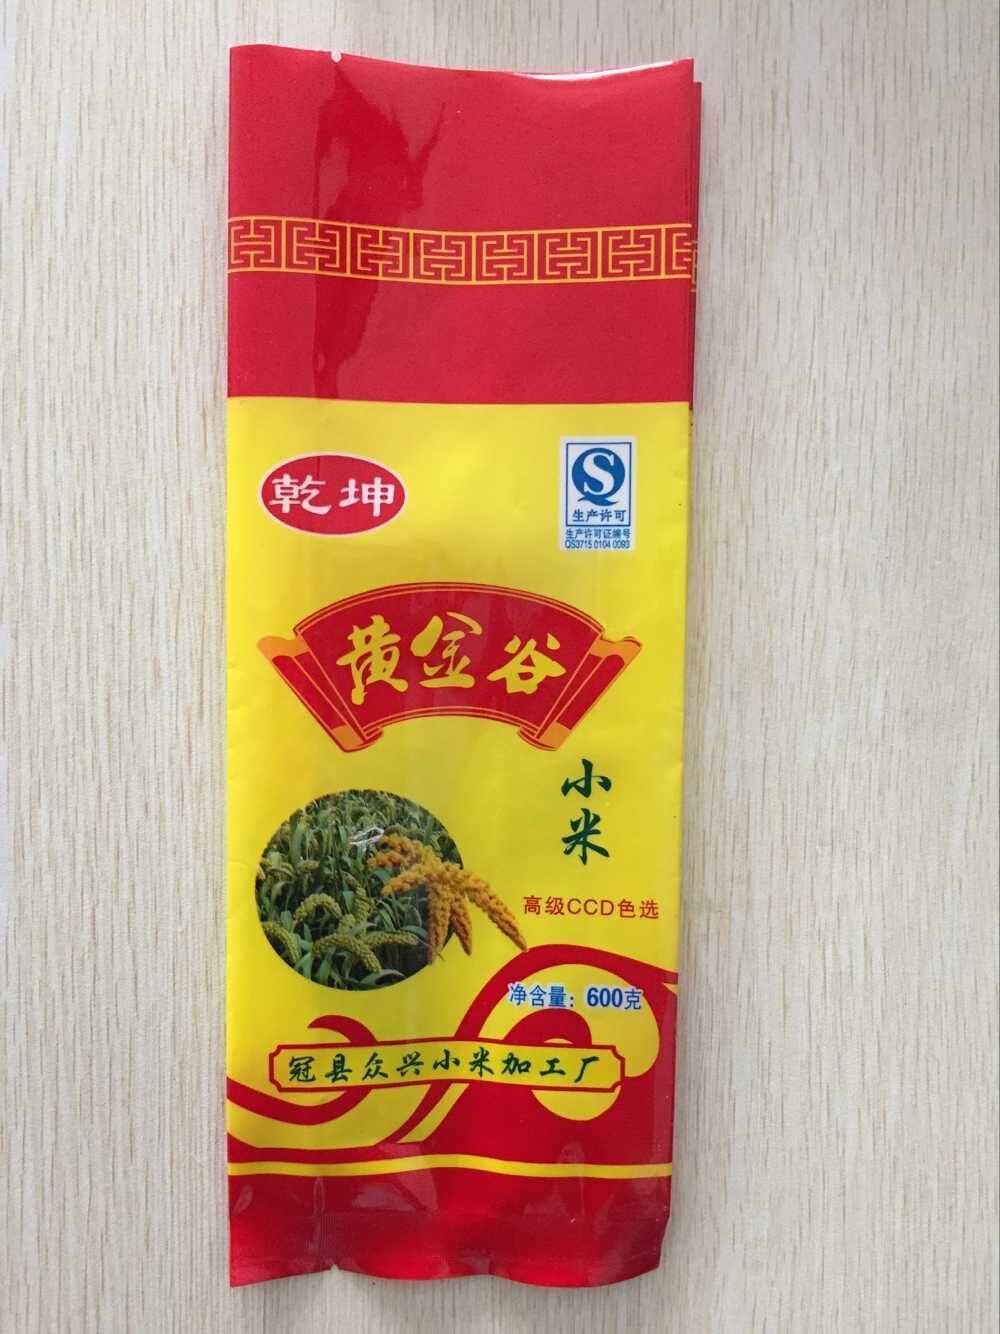 定制哈尔滨大米包装袋 3